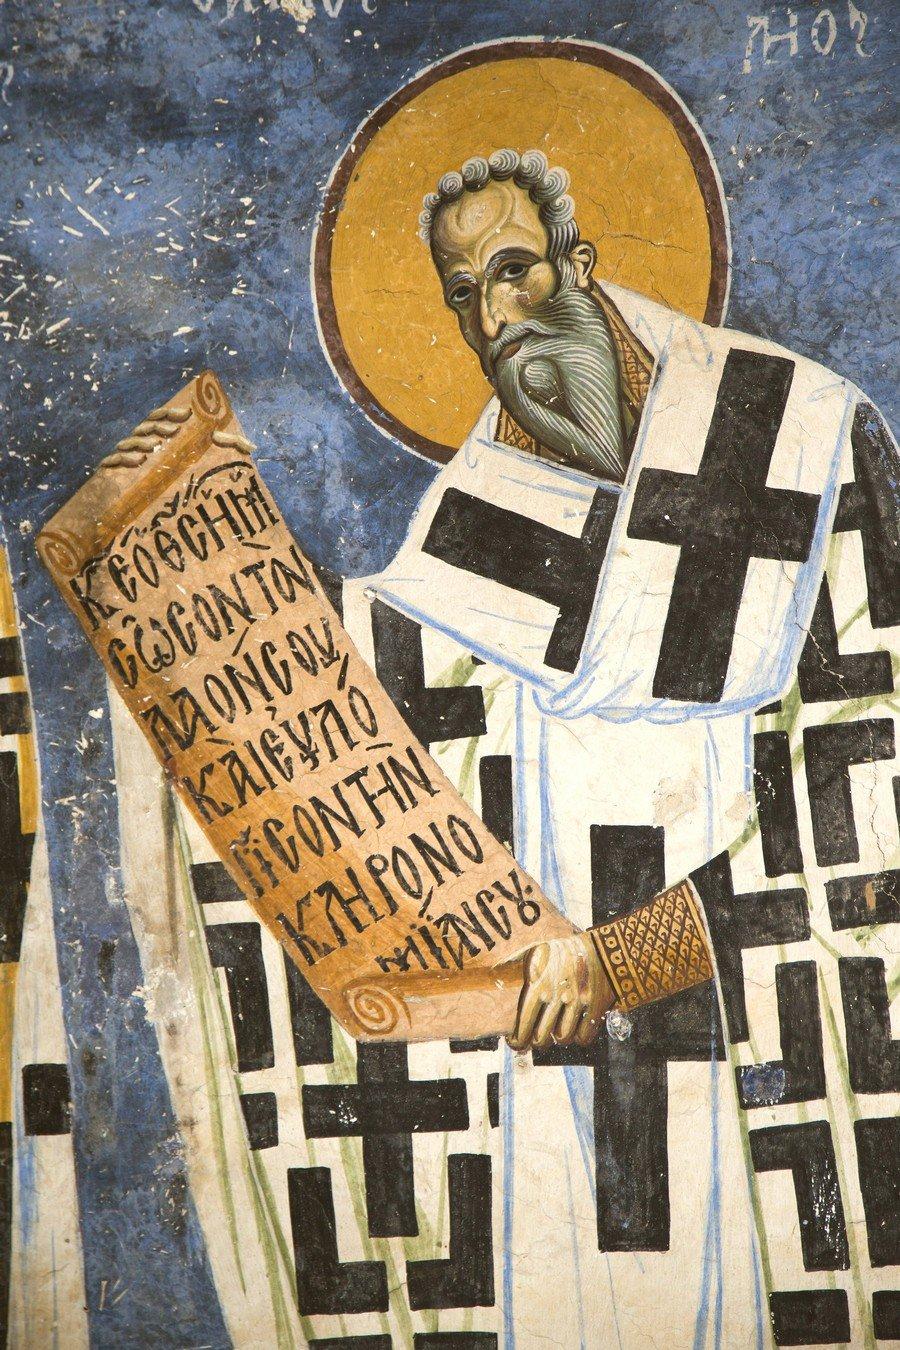 Святой Преподобный Ахиллий, Епископ Ларисийский. Фреска церкви Святого Георгия в Курбиново, Македония. 1191 год.